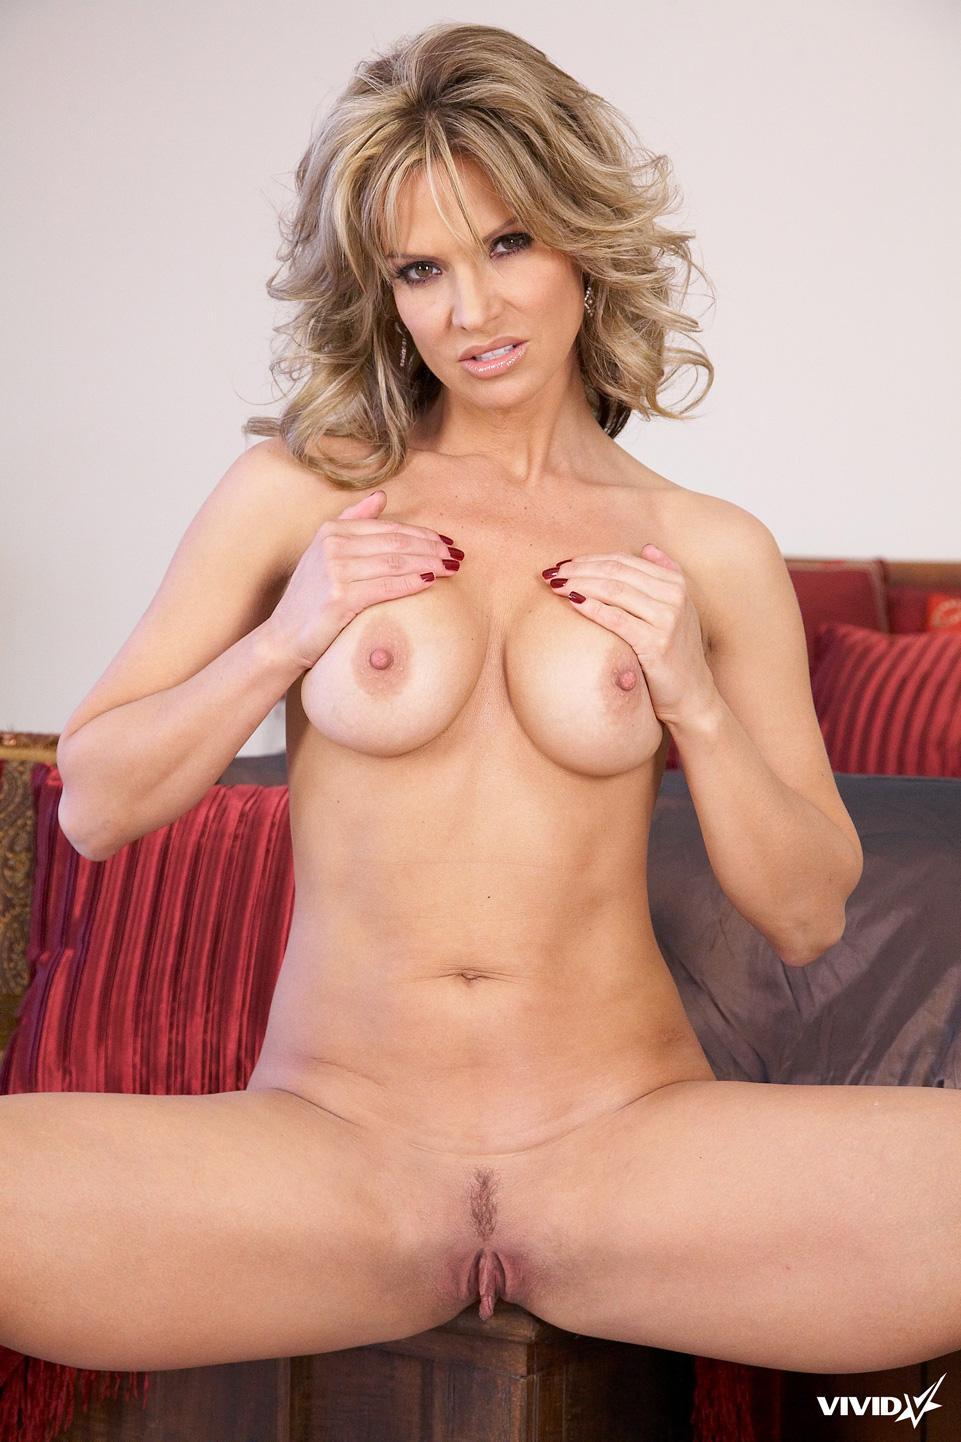 Sexy MILF is tempting in her bedroom - Savanna Samsons - 7